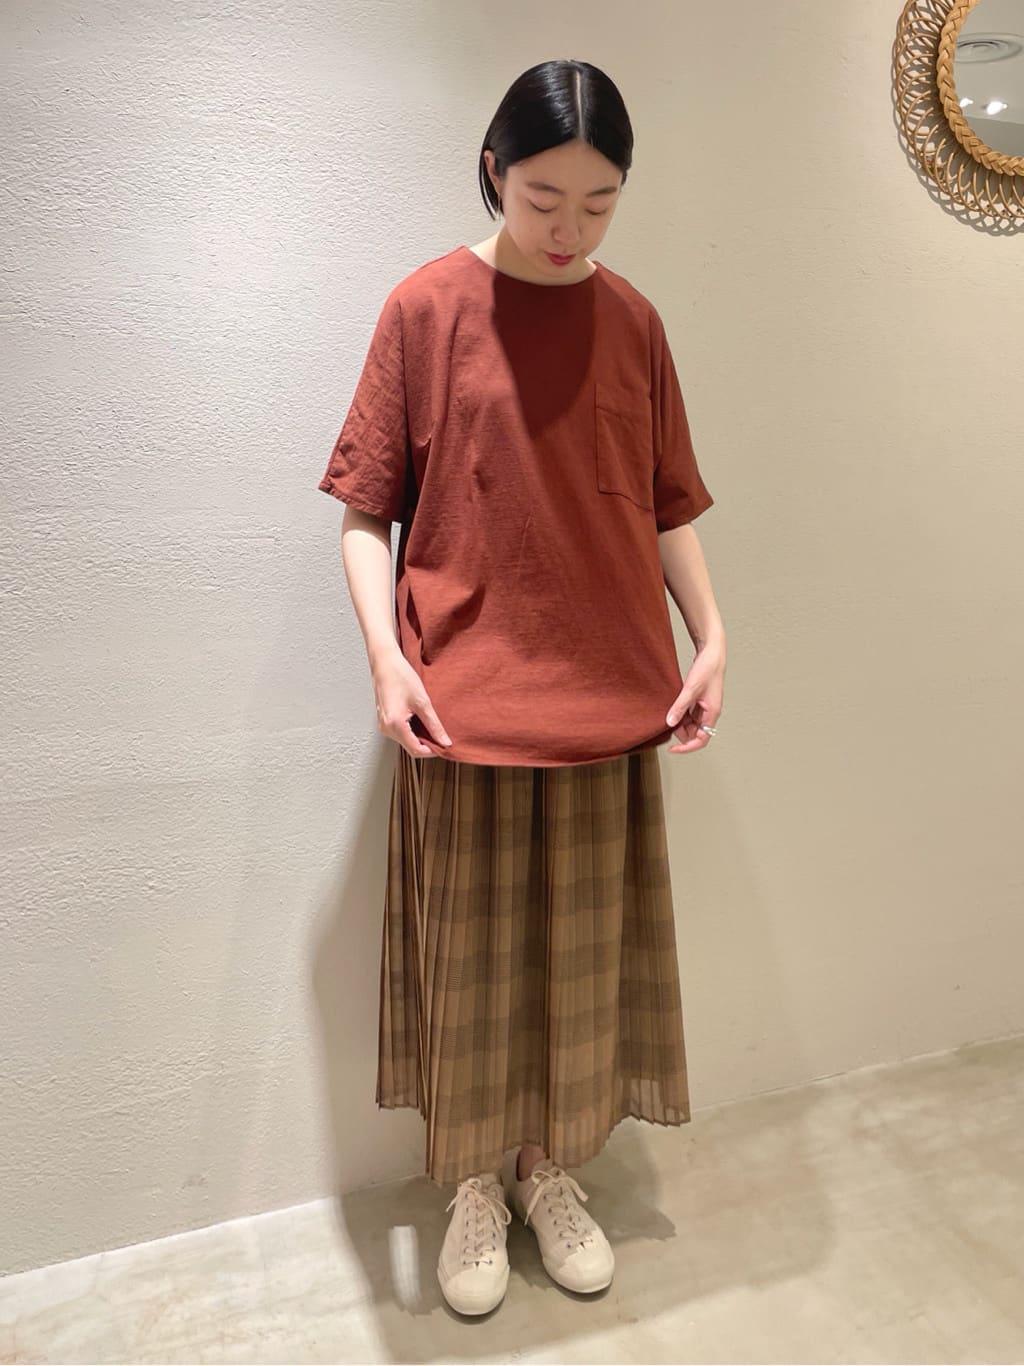 yuni ニュウマン横浜 身長:166cm 2021.08.23